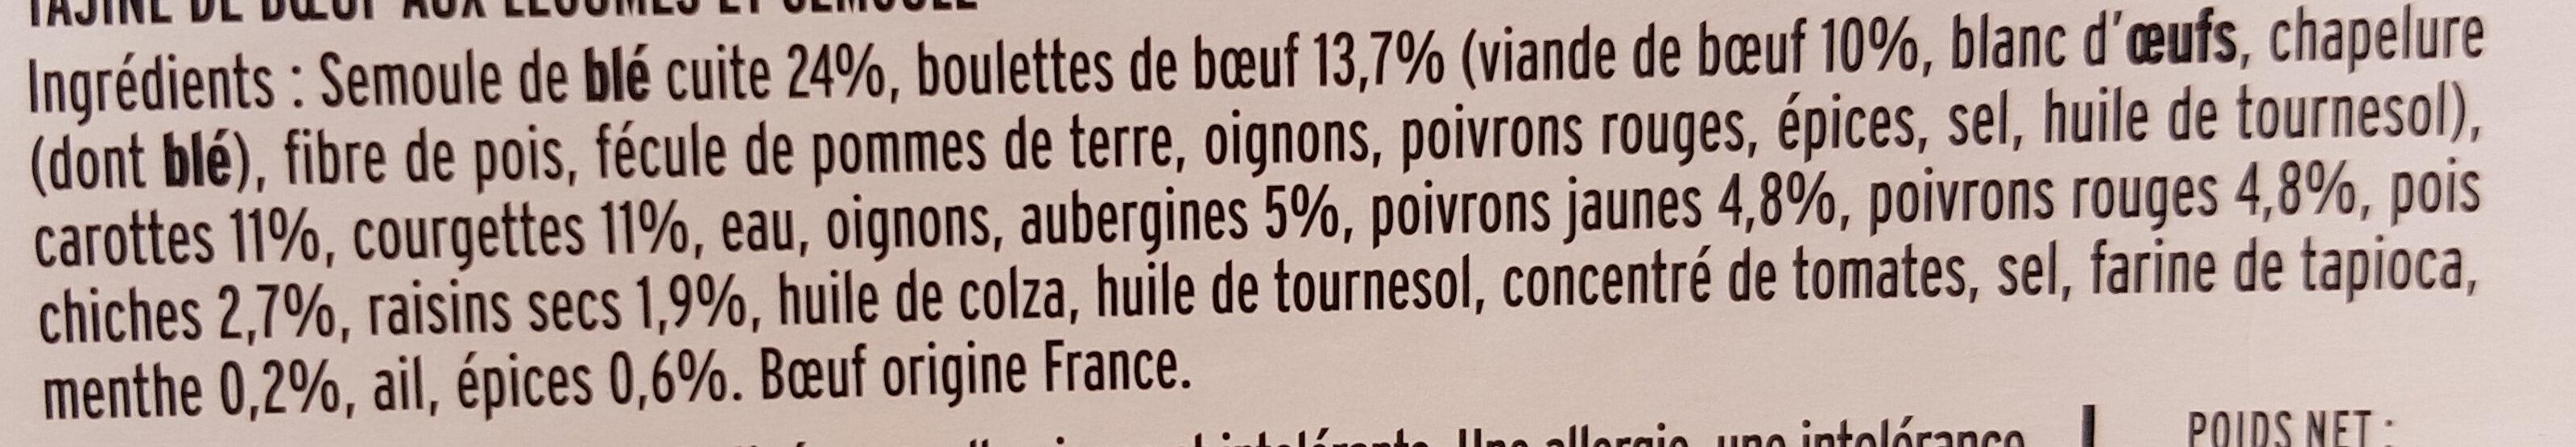 La Tajine de Boeuf et ses Légumes du Soleil - Ingredienti - fr